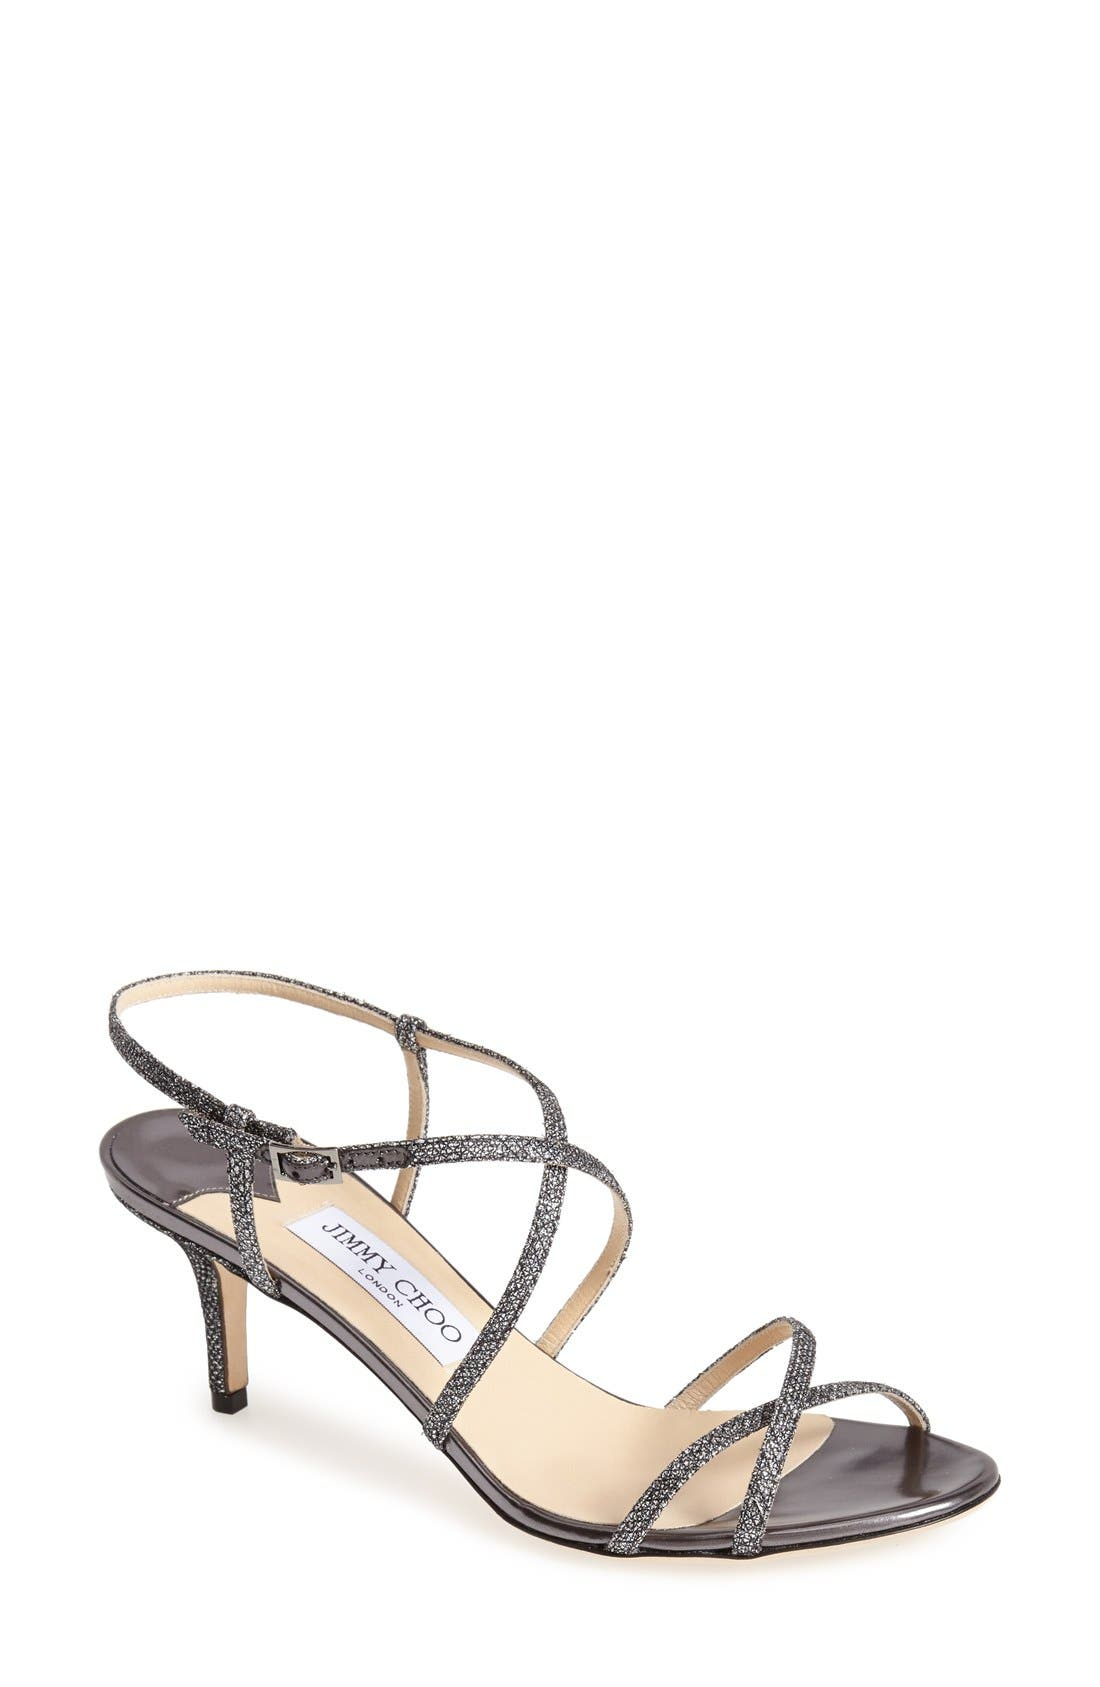 Alternate Image 1 Selected - Jimmy Choo 'Elisa' Glitter Strap Sandal (Women)